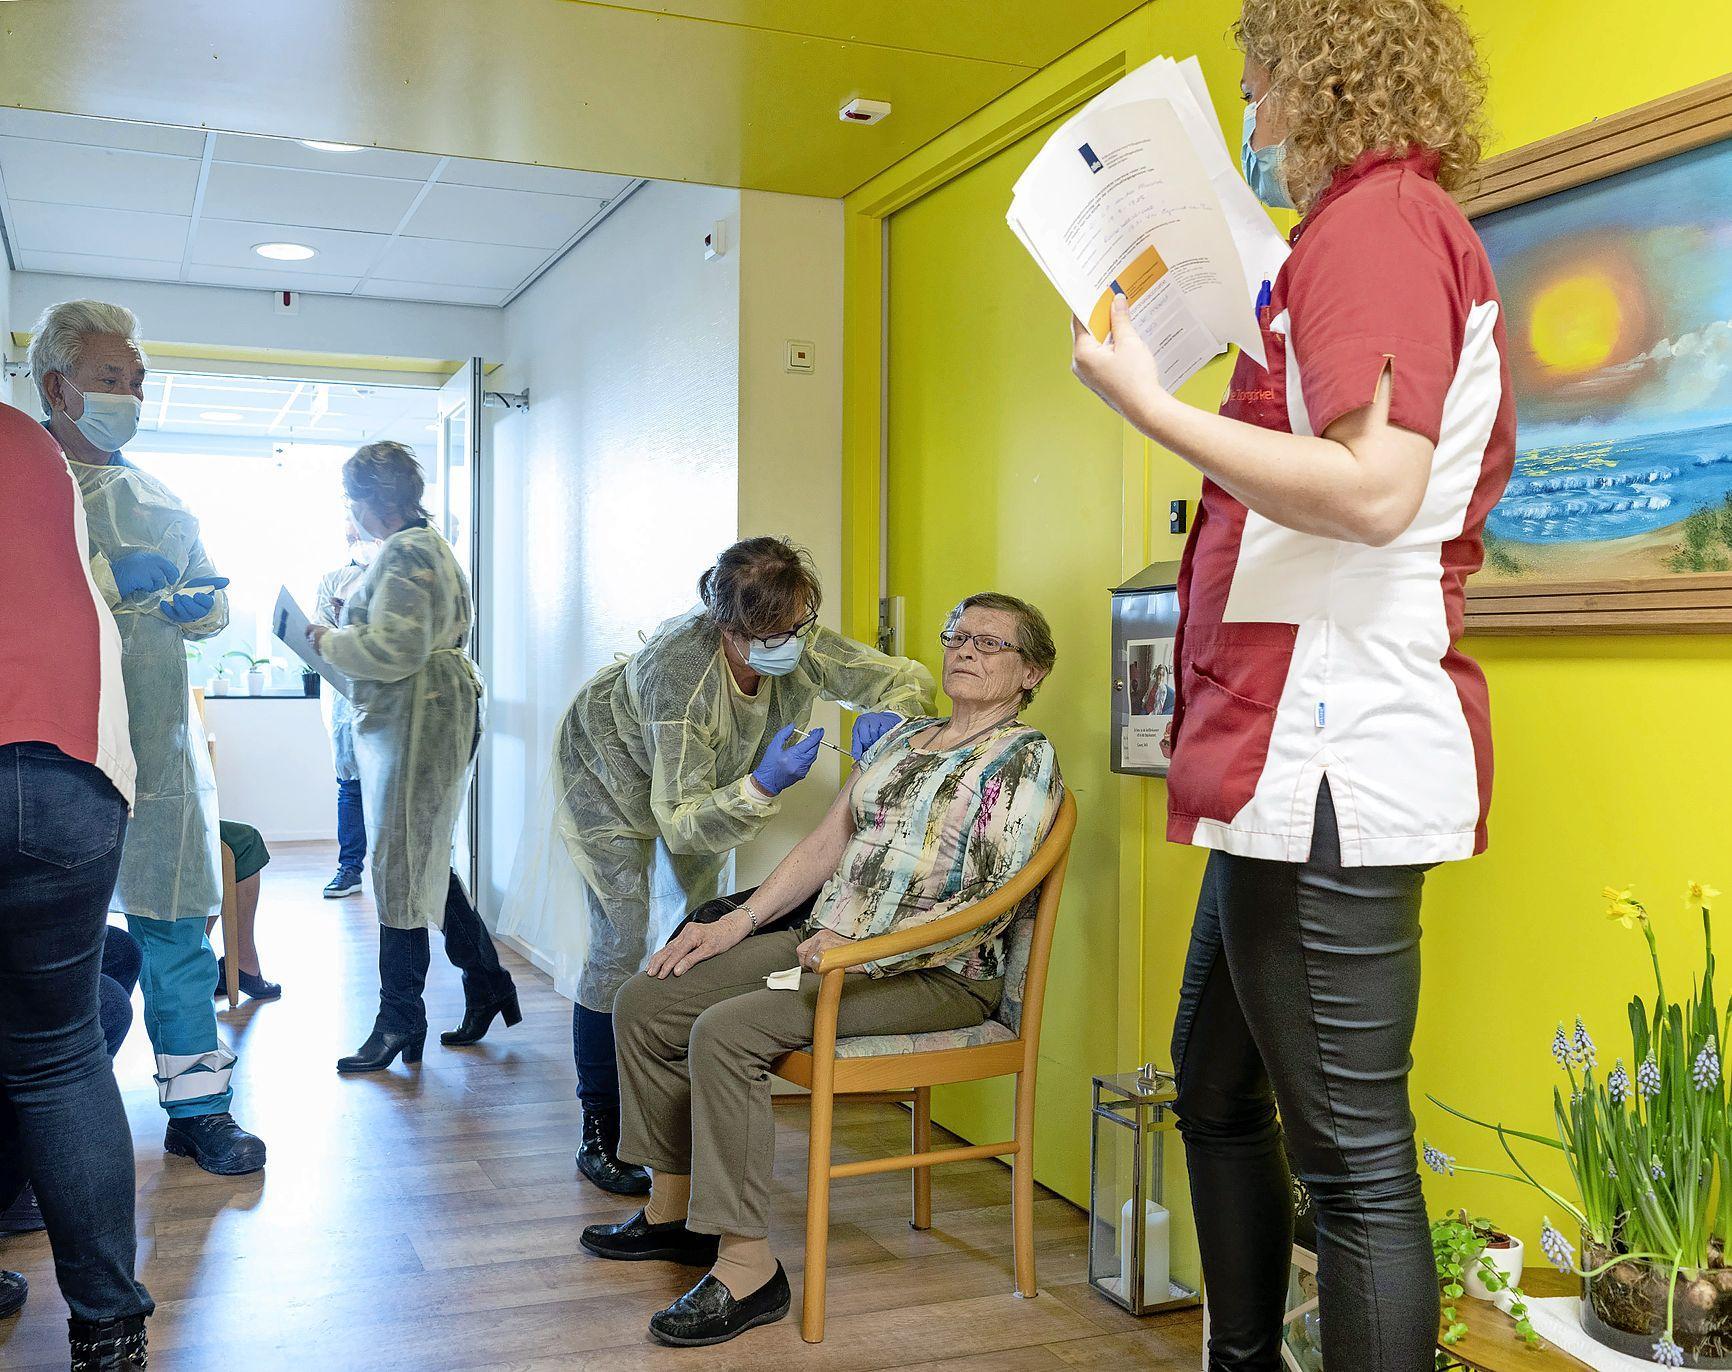 Egmonds verzorgingshuis heeft corona van dichtbij meegemaakt. Nu is de stemming bij het zetten van vaccinaties uitbundig. 'Iedereen is opgewonden, het is de eerste, voorzichtige stap terug naar normaal'